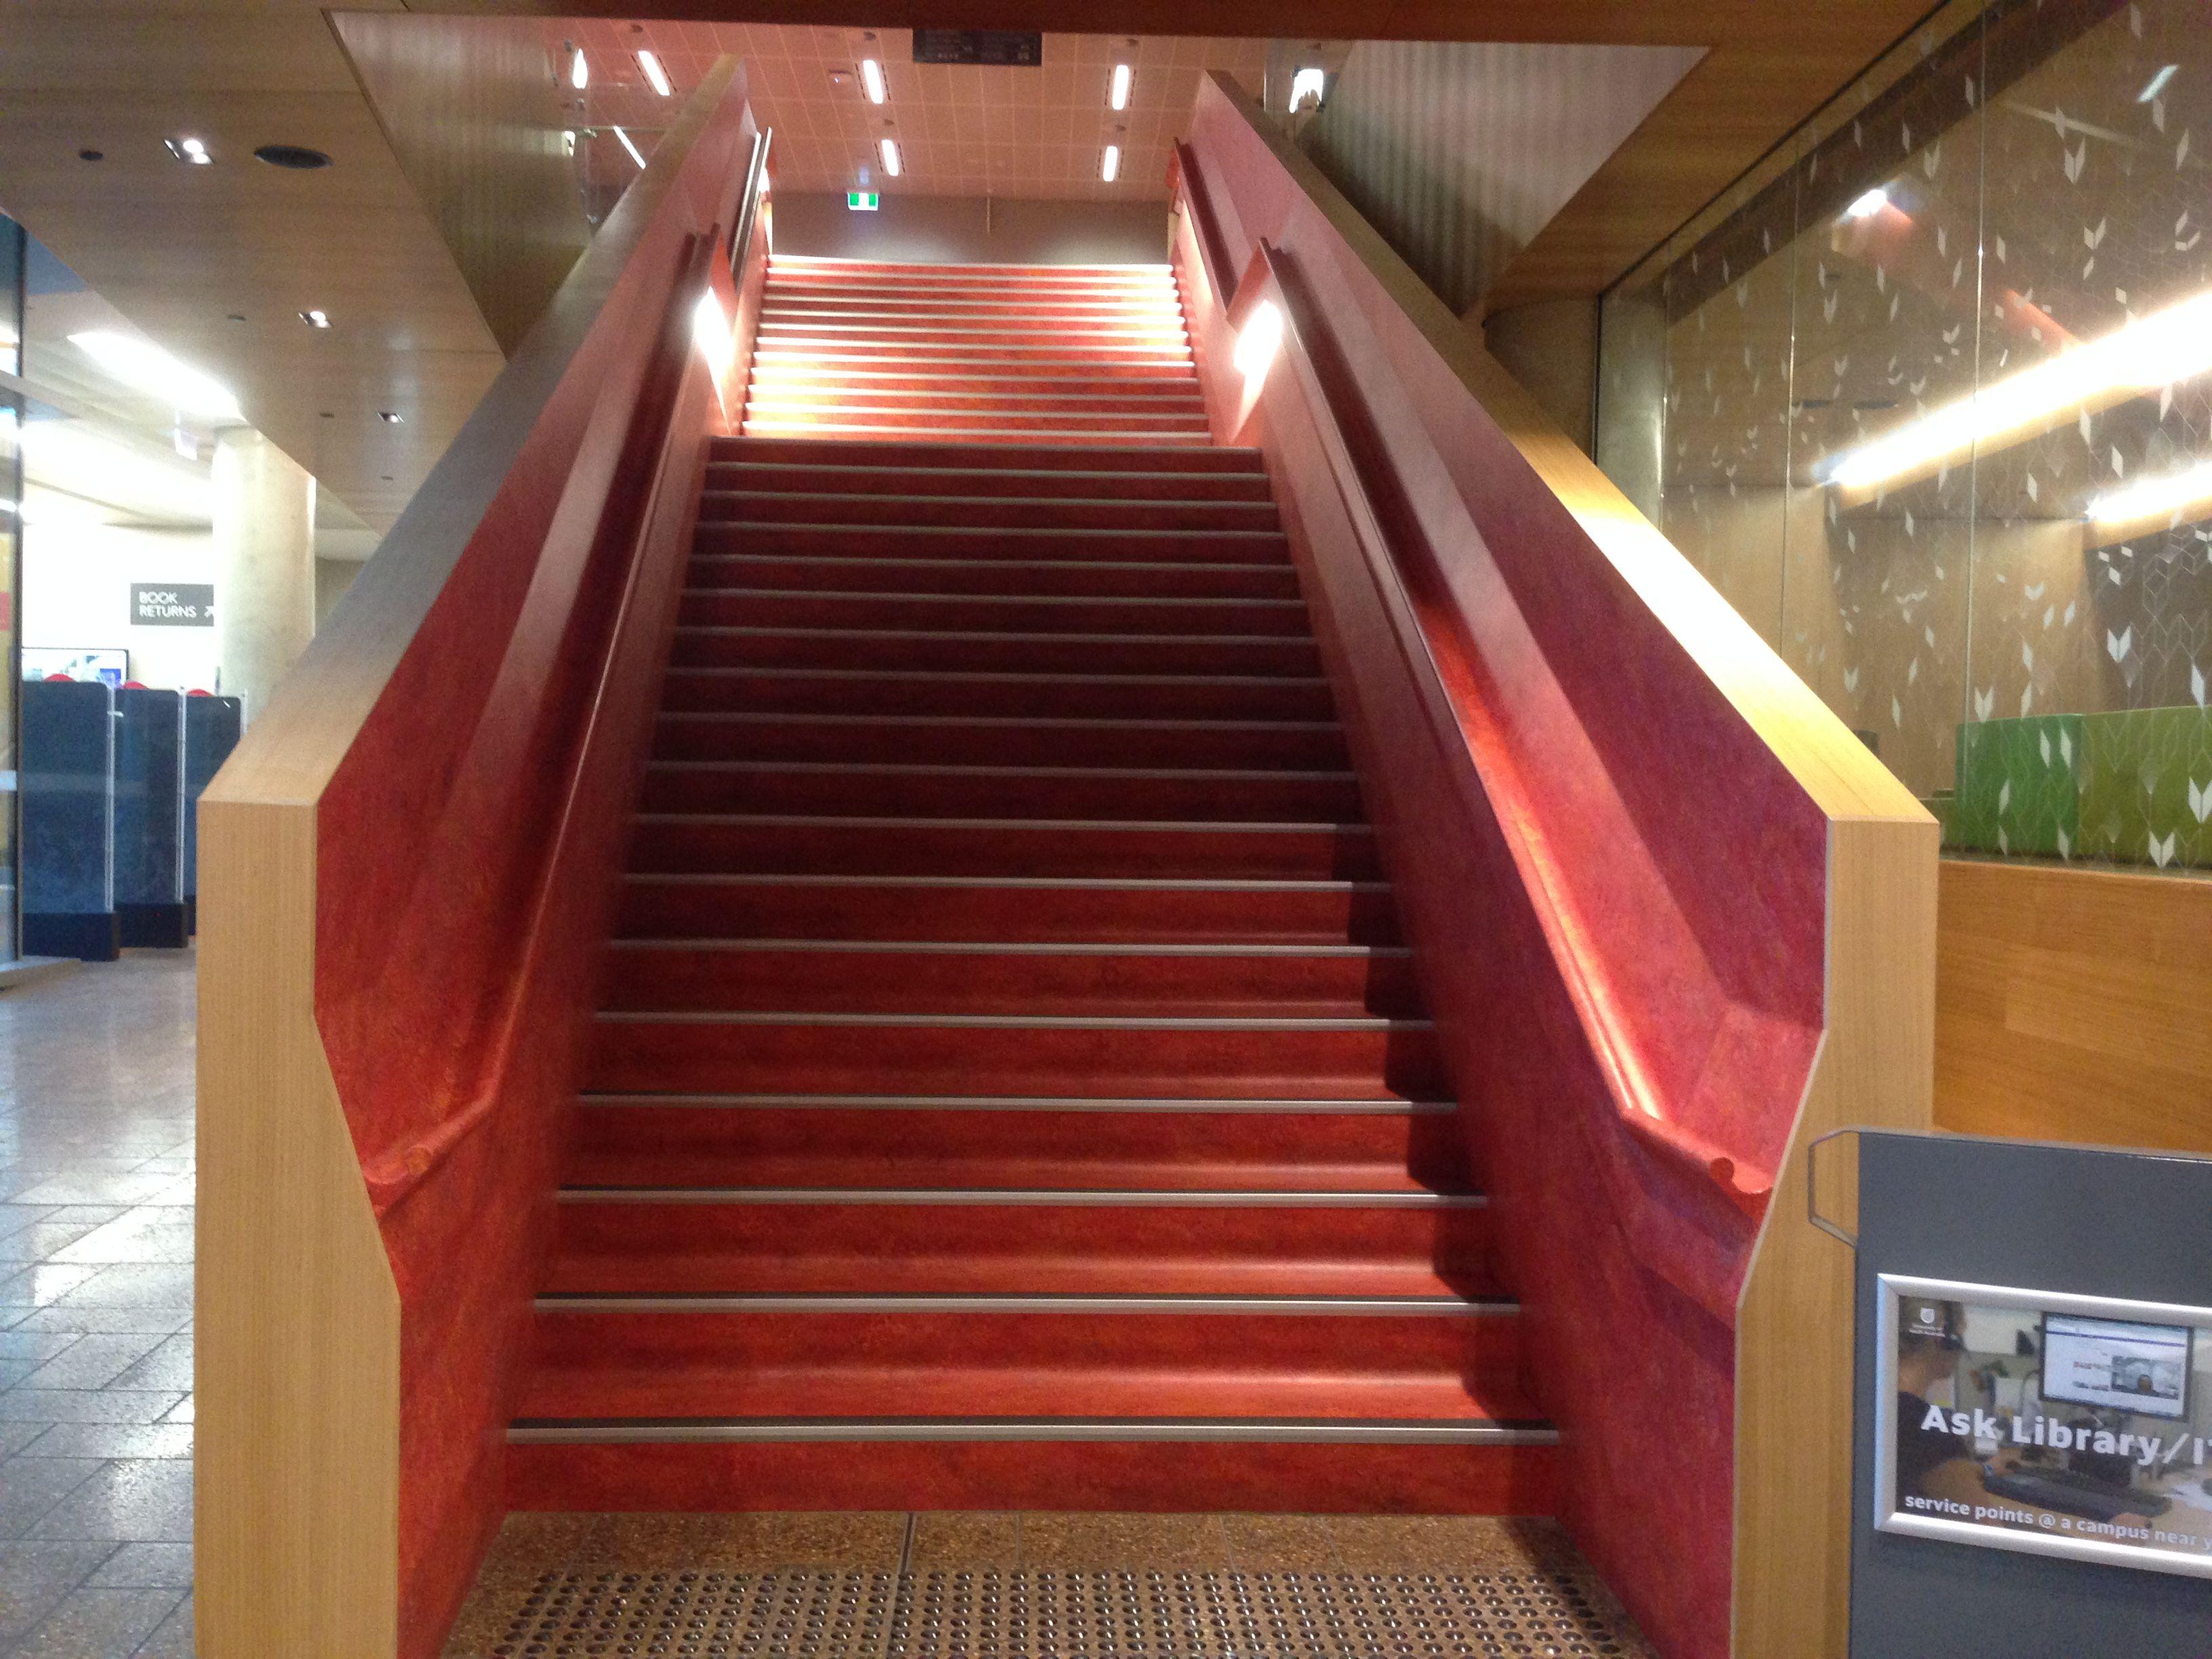 Pin by Martine on Uni SA interior architecture Design studio 1